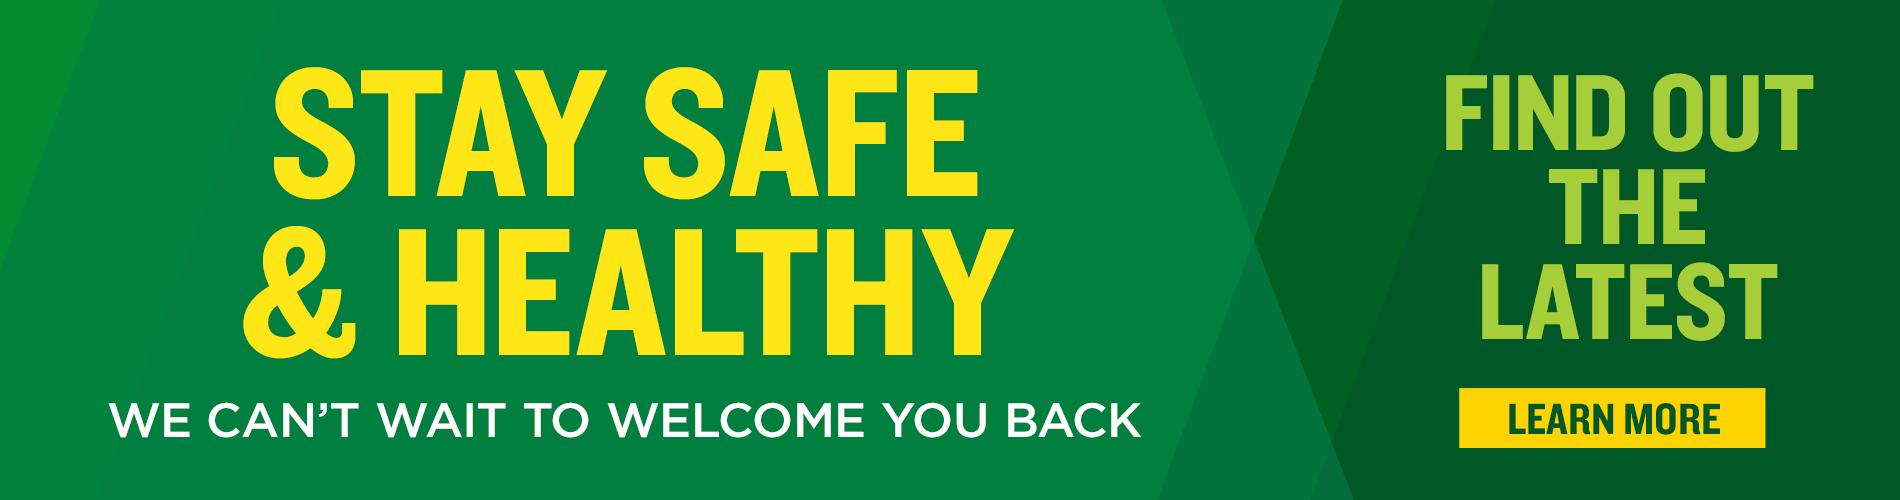 Busch Gardens Wiliamsburg Stay Safe & Healthy